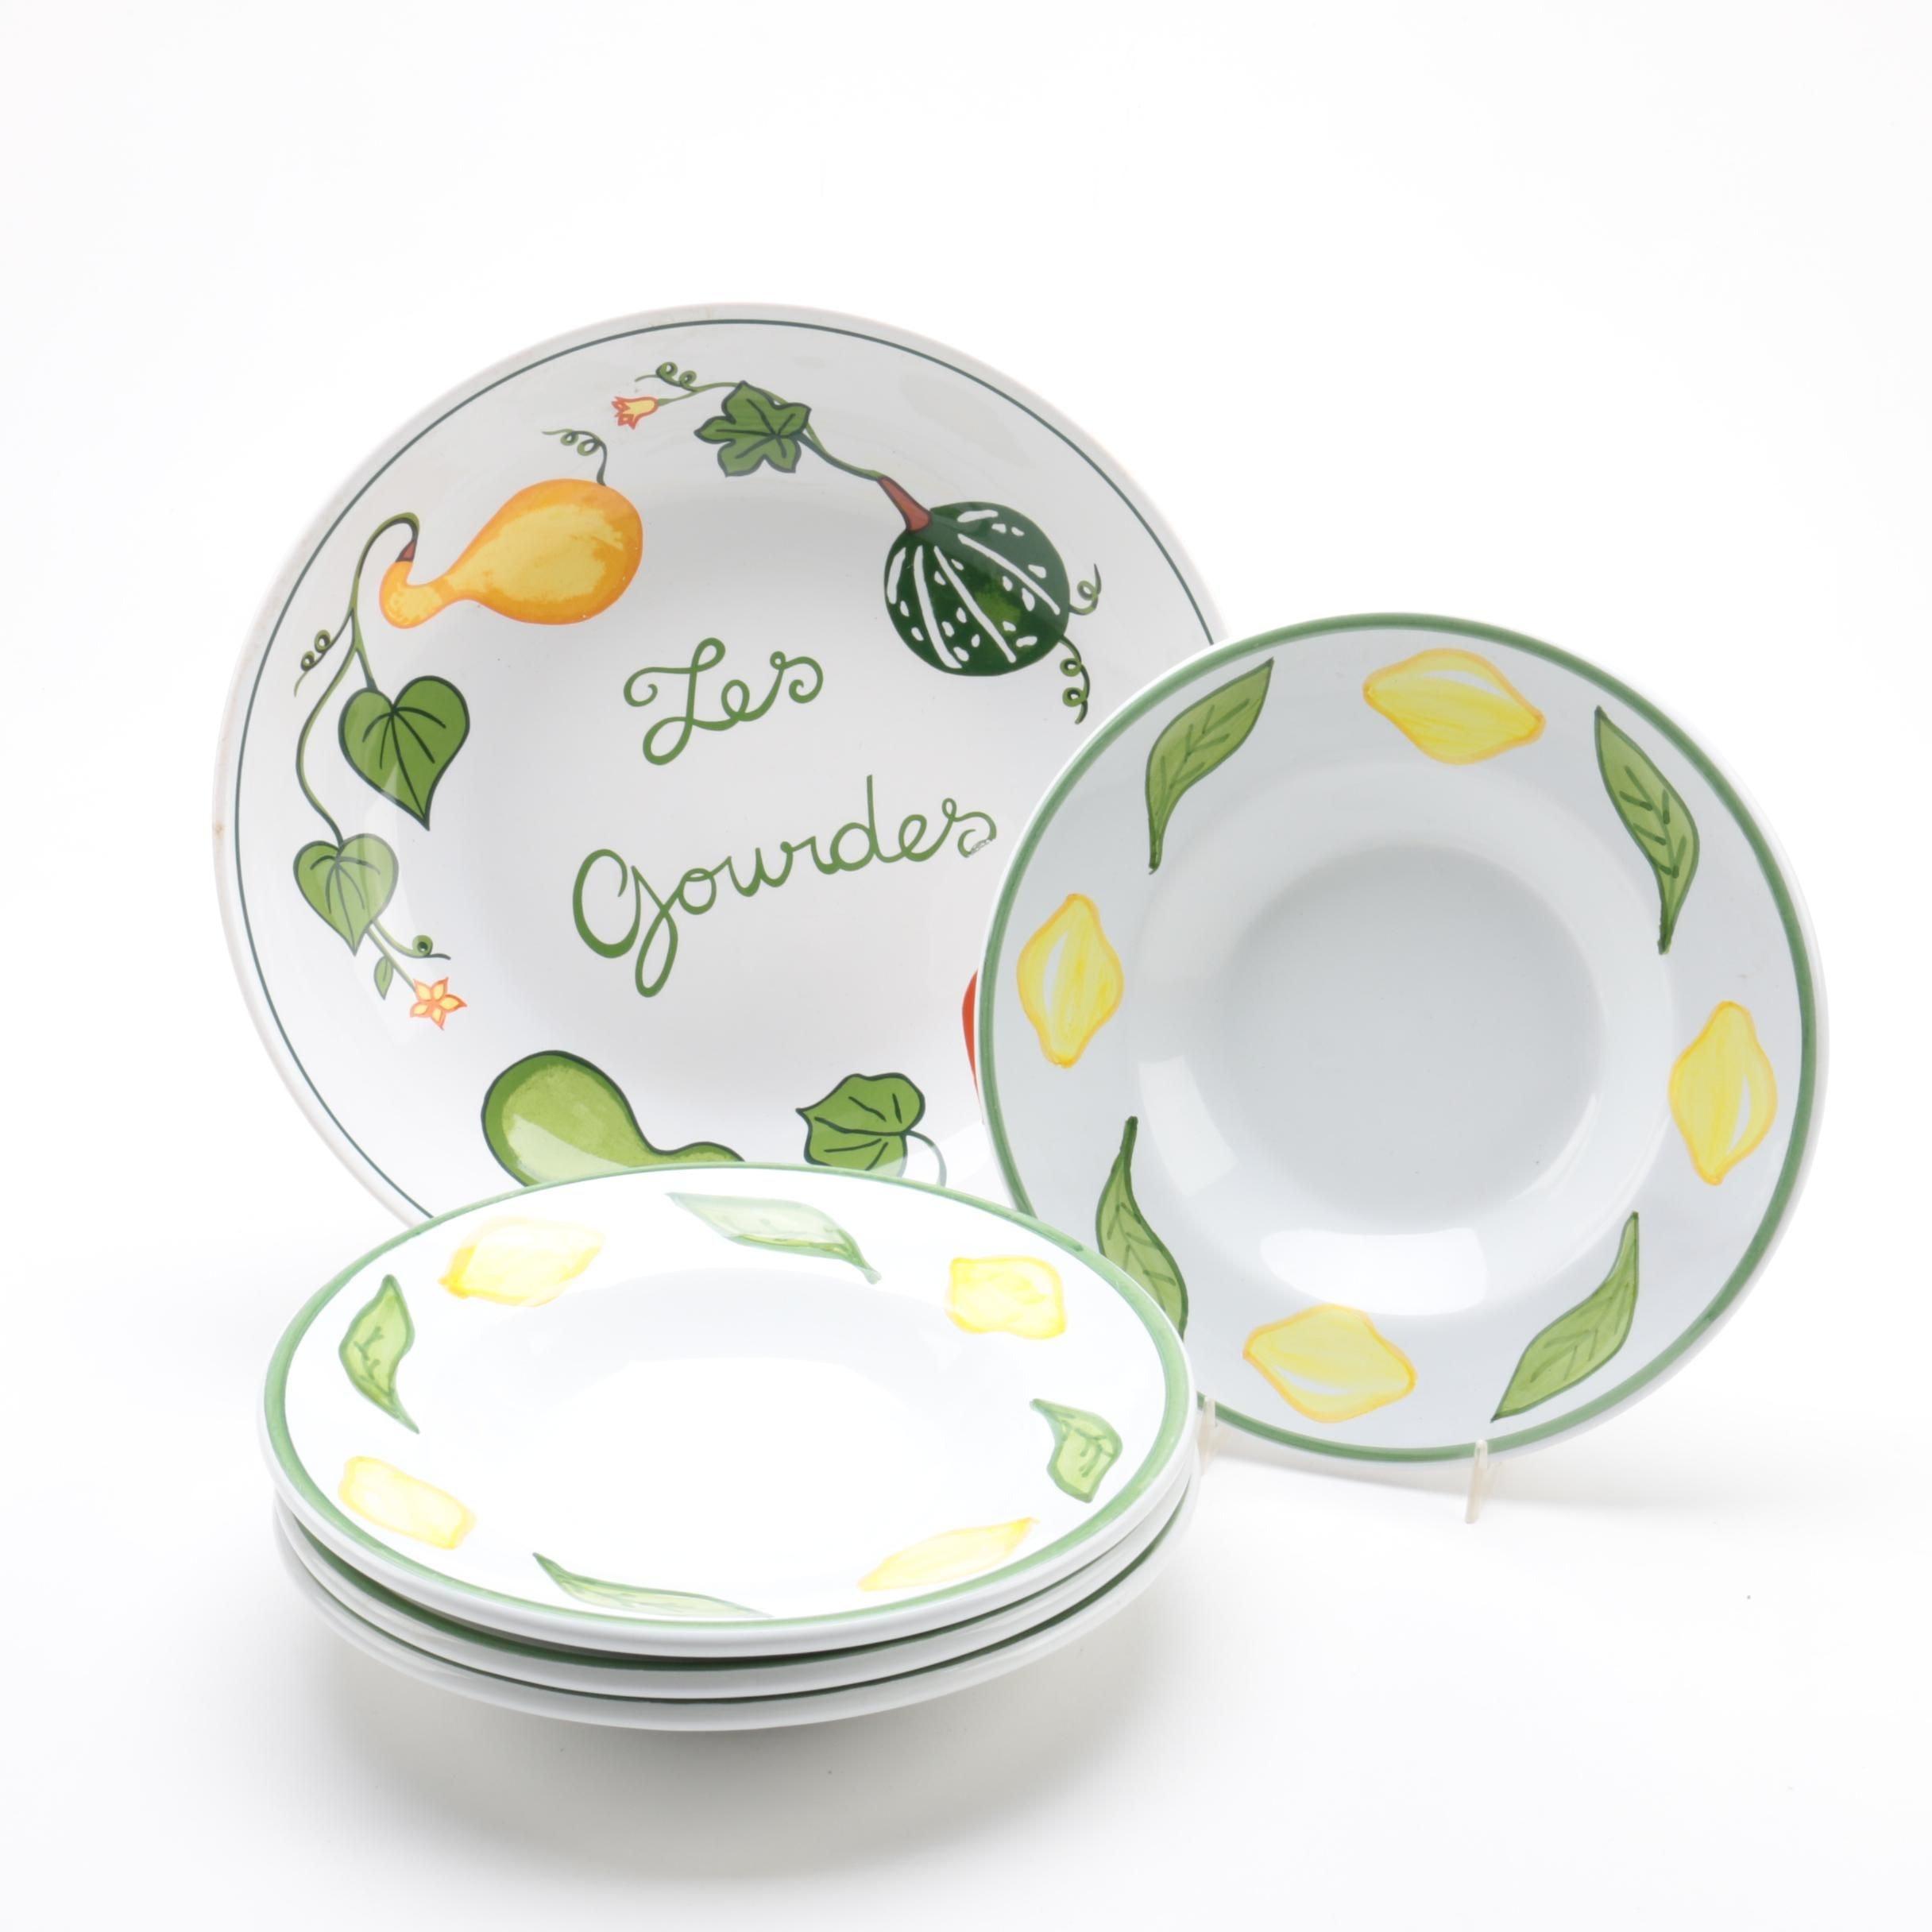 Williams-Sonoma Ceramic Tableware